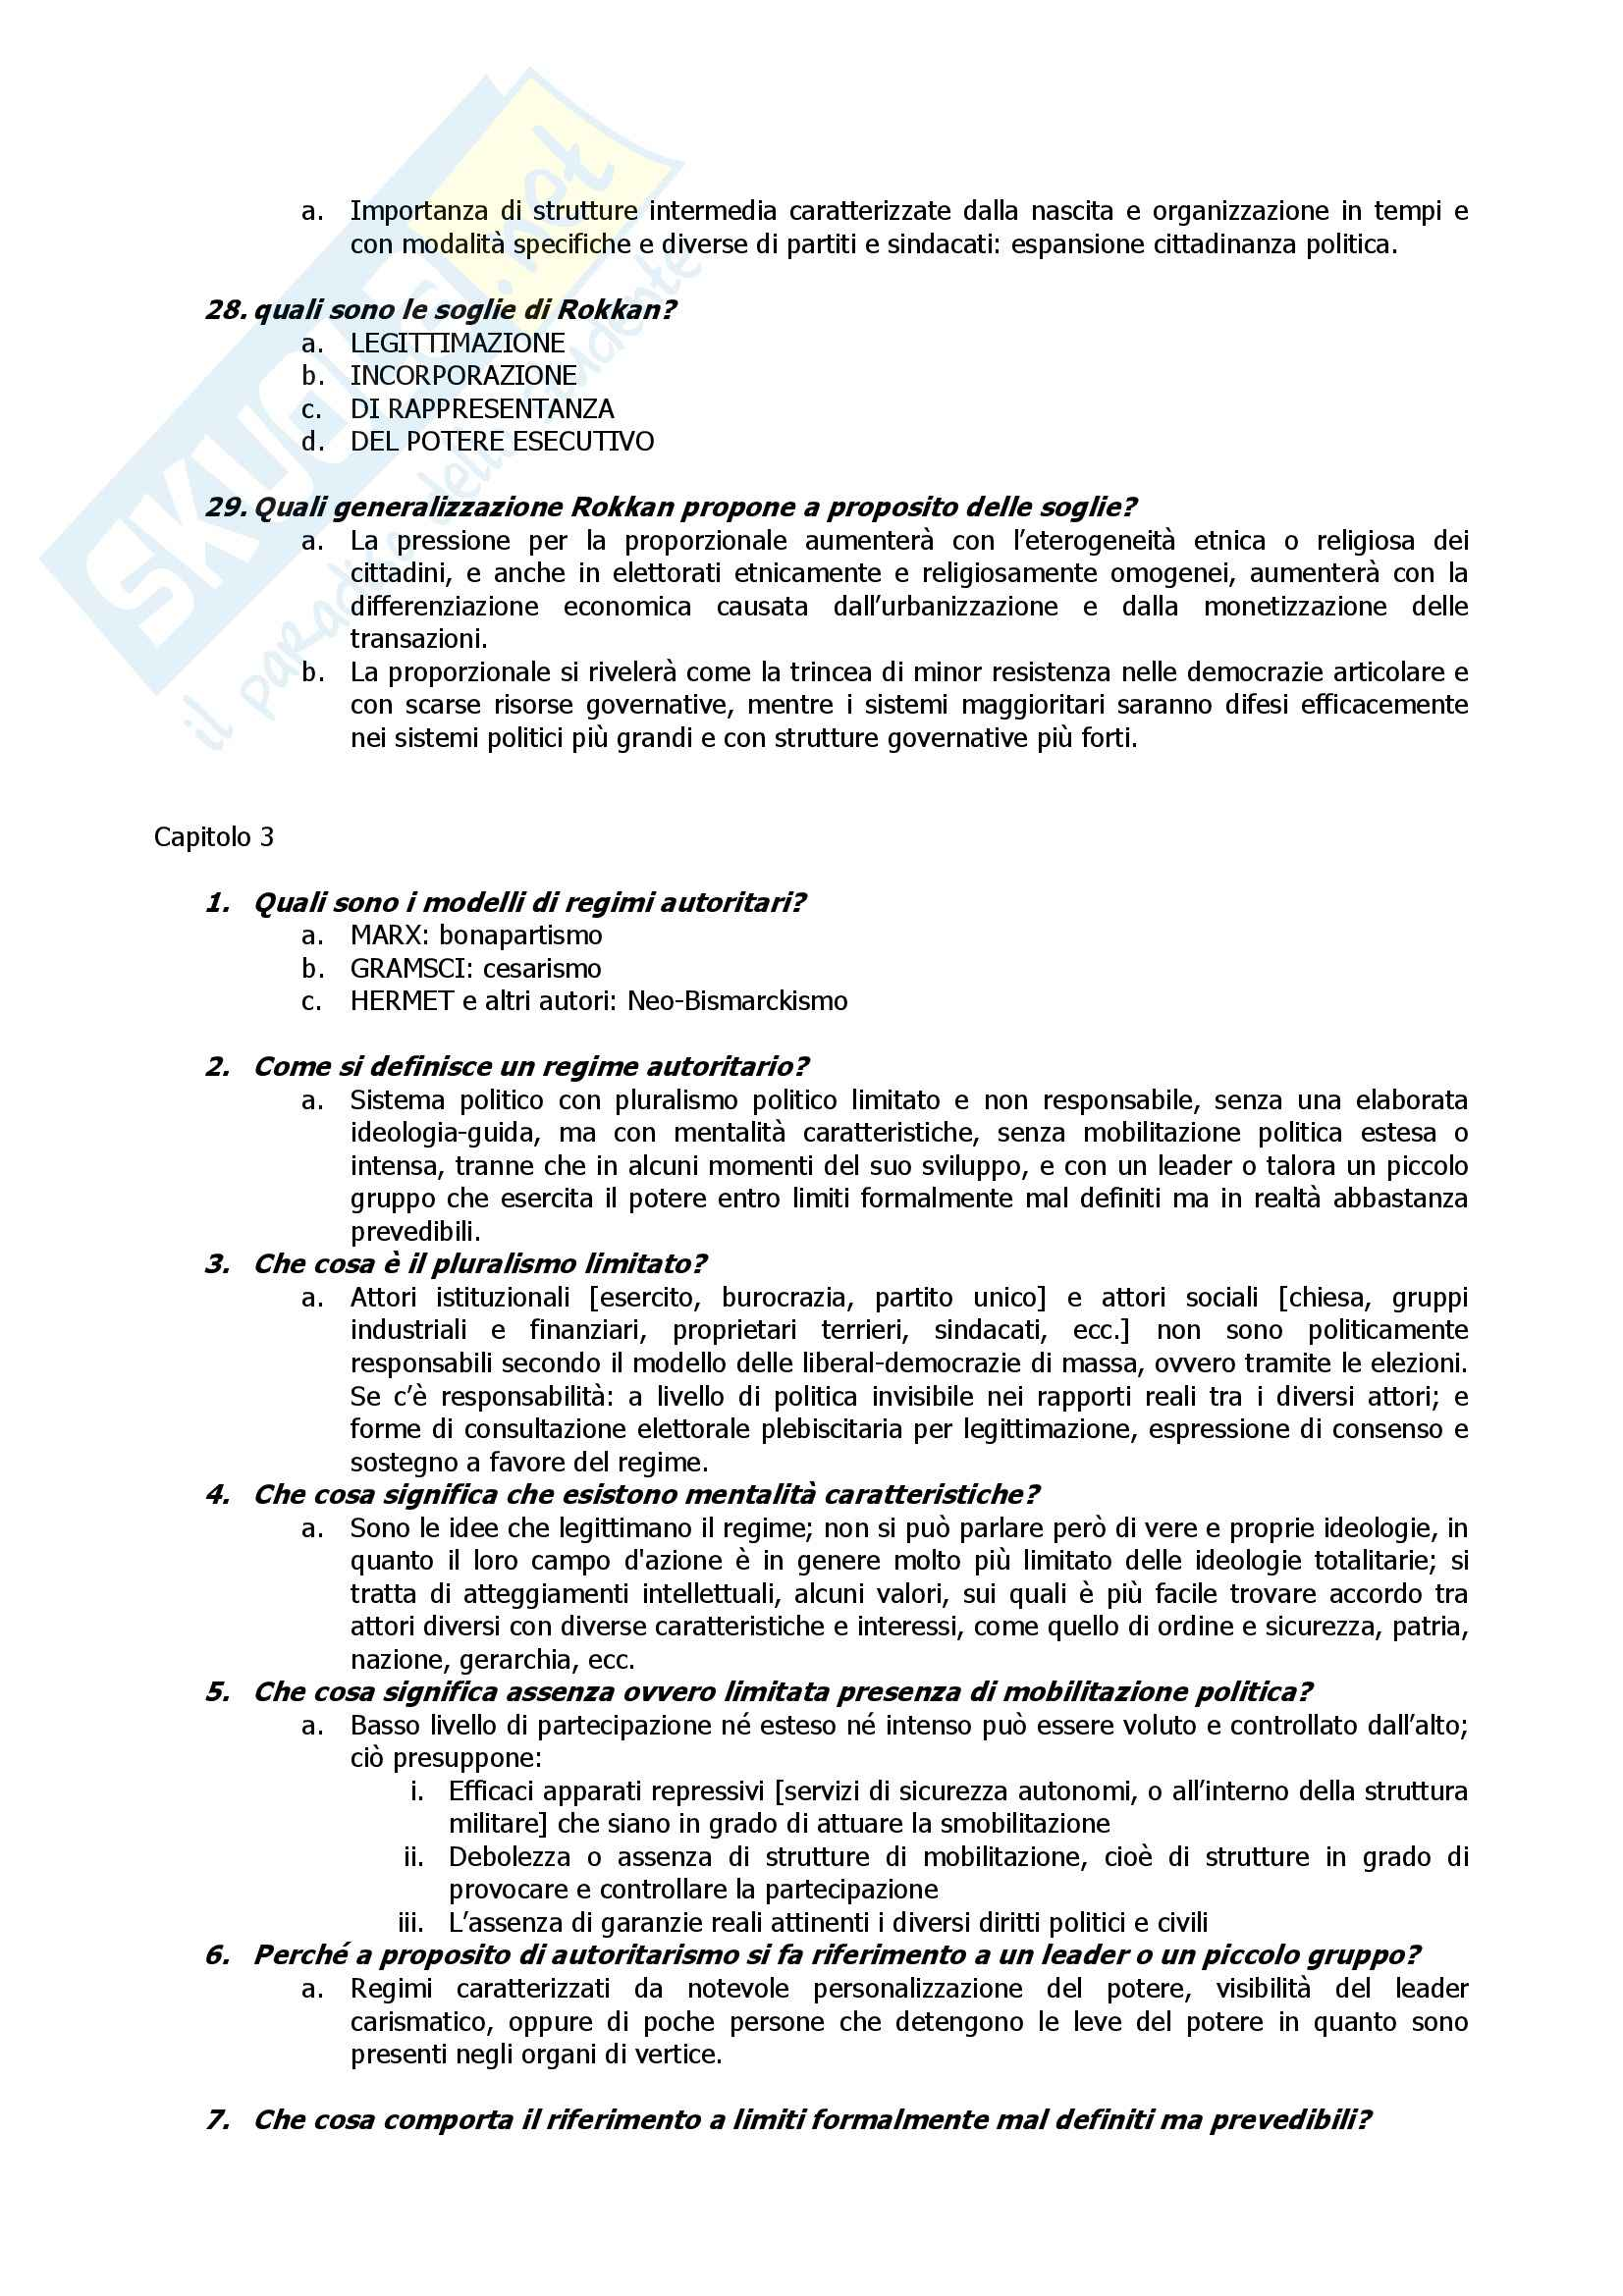 Fondamenti di scienza politica, Cotta, Della Porta, Morlino - Domande e risposte Pag. 6